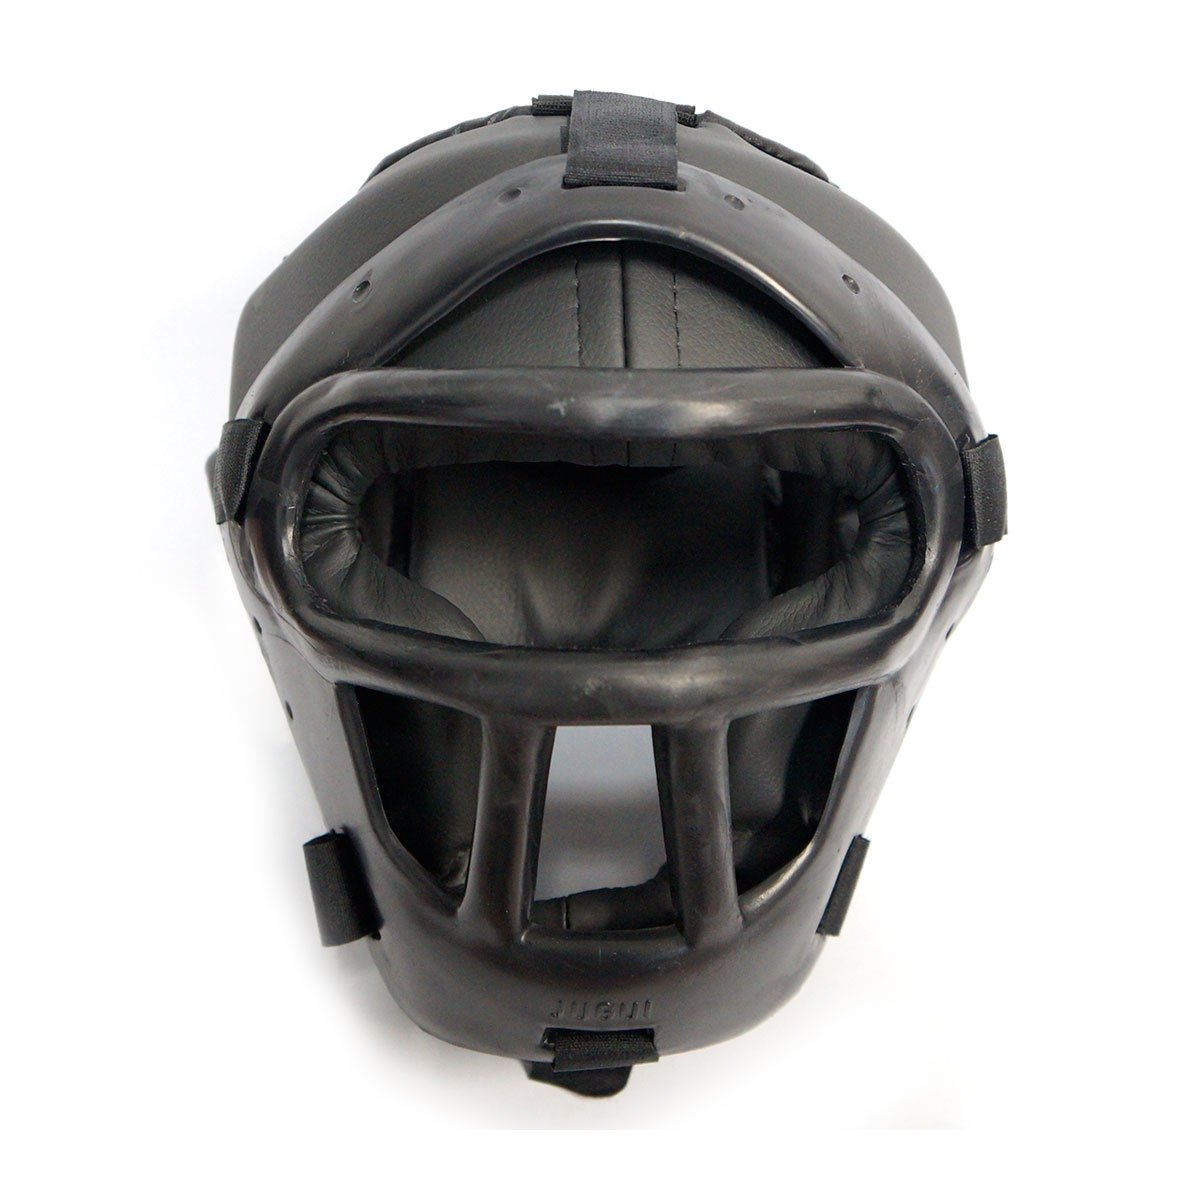 Protetor de cabeça c  grade Jugui - Preto - Compre Agora   Netshoes 0e58f85a9c